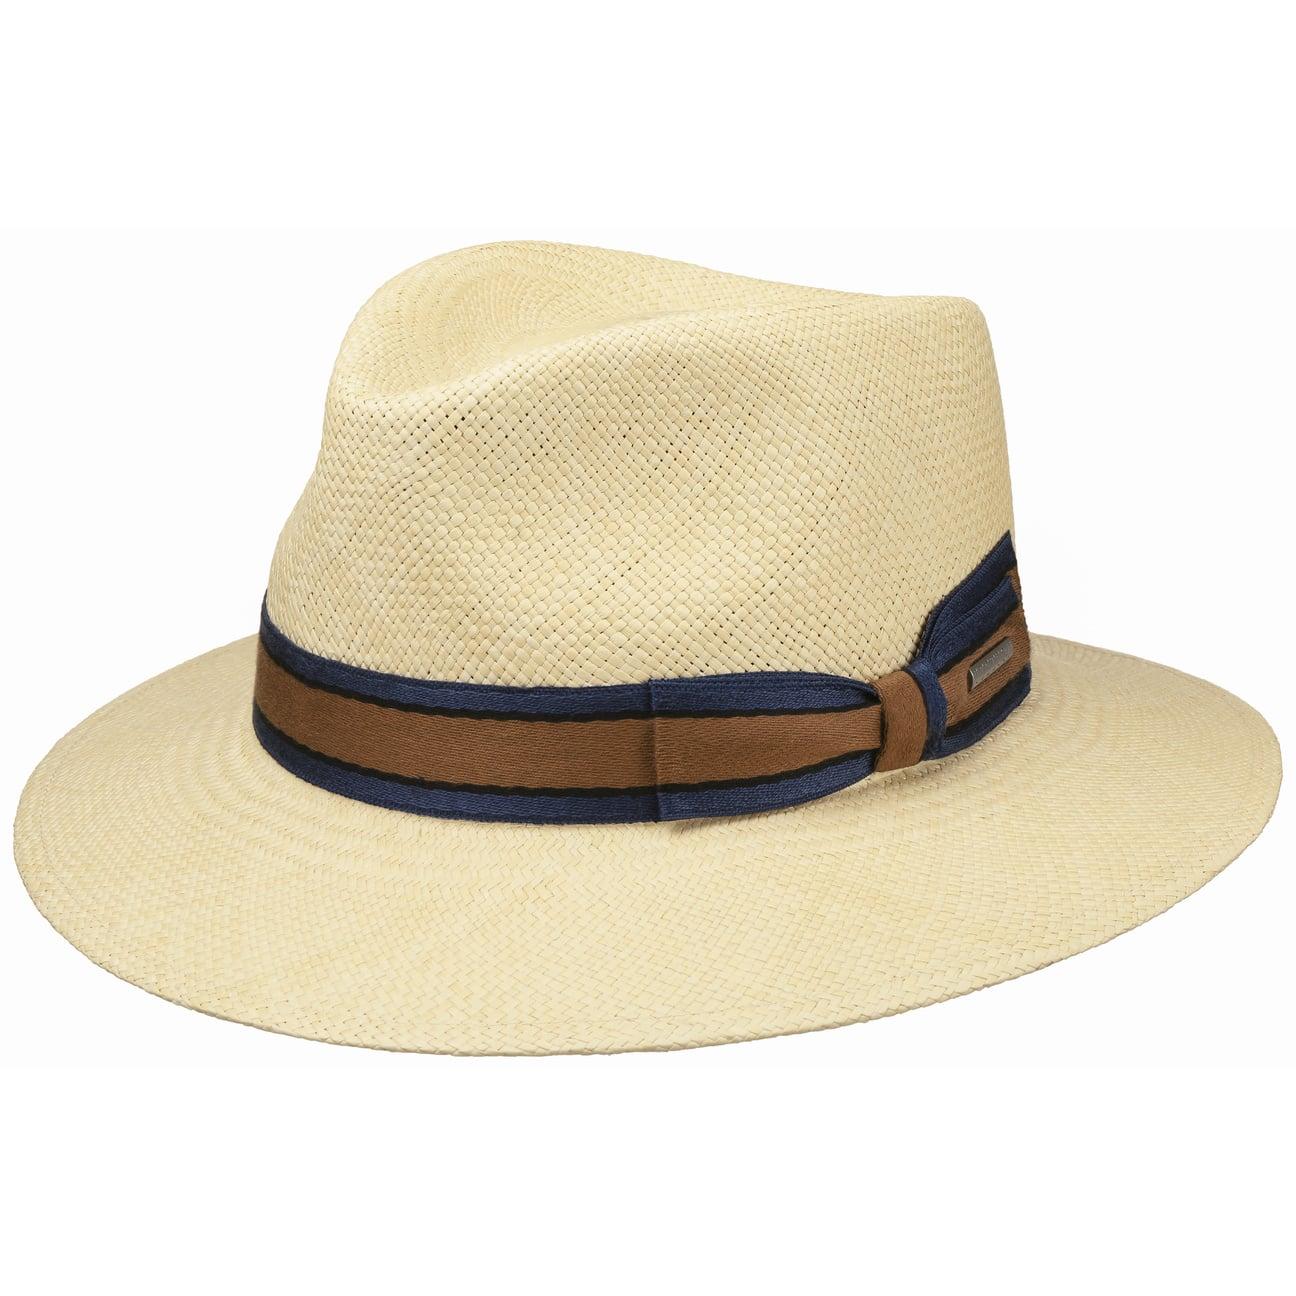 Chapeau Panama Bergamo Traveller by Stetson  chapeau en paille de panama